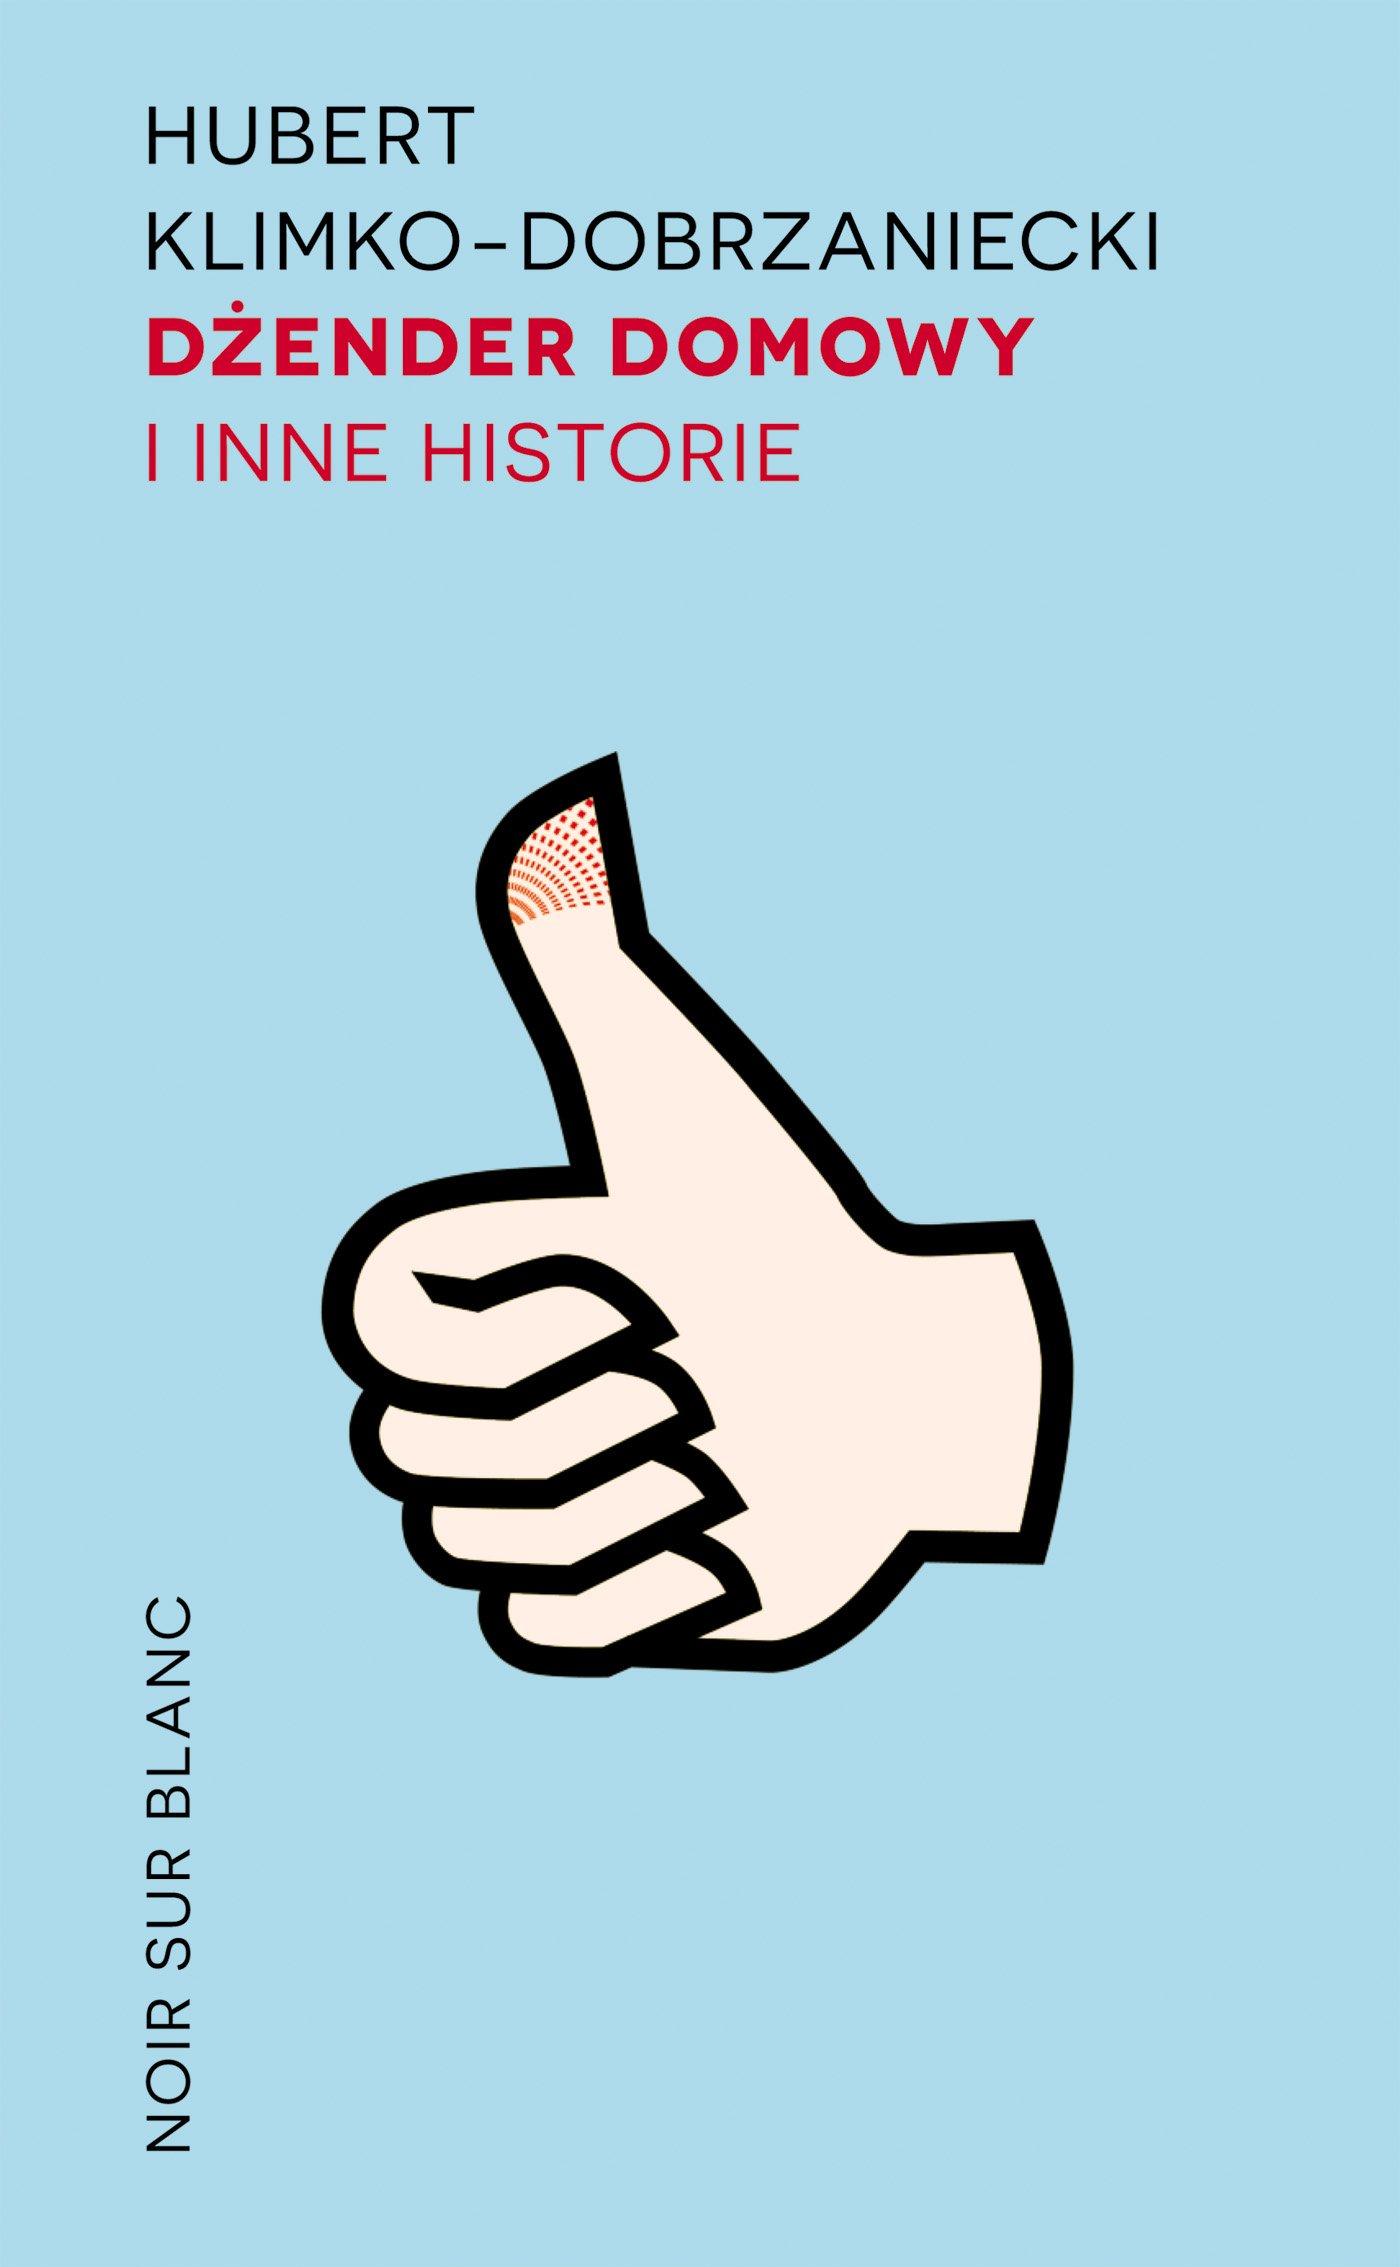 Dżender domowy i inne historie - Ebook (Książka na Kindle) do pobrania w formacie MOBI